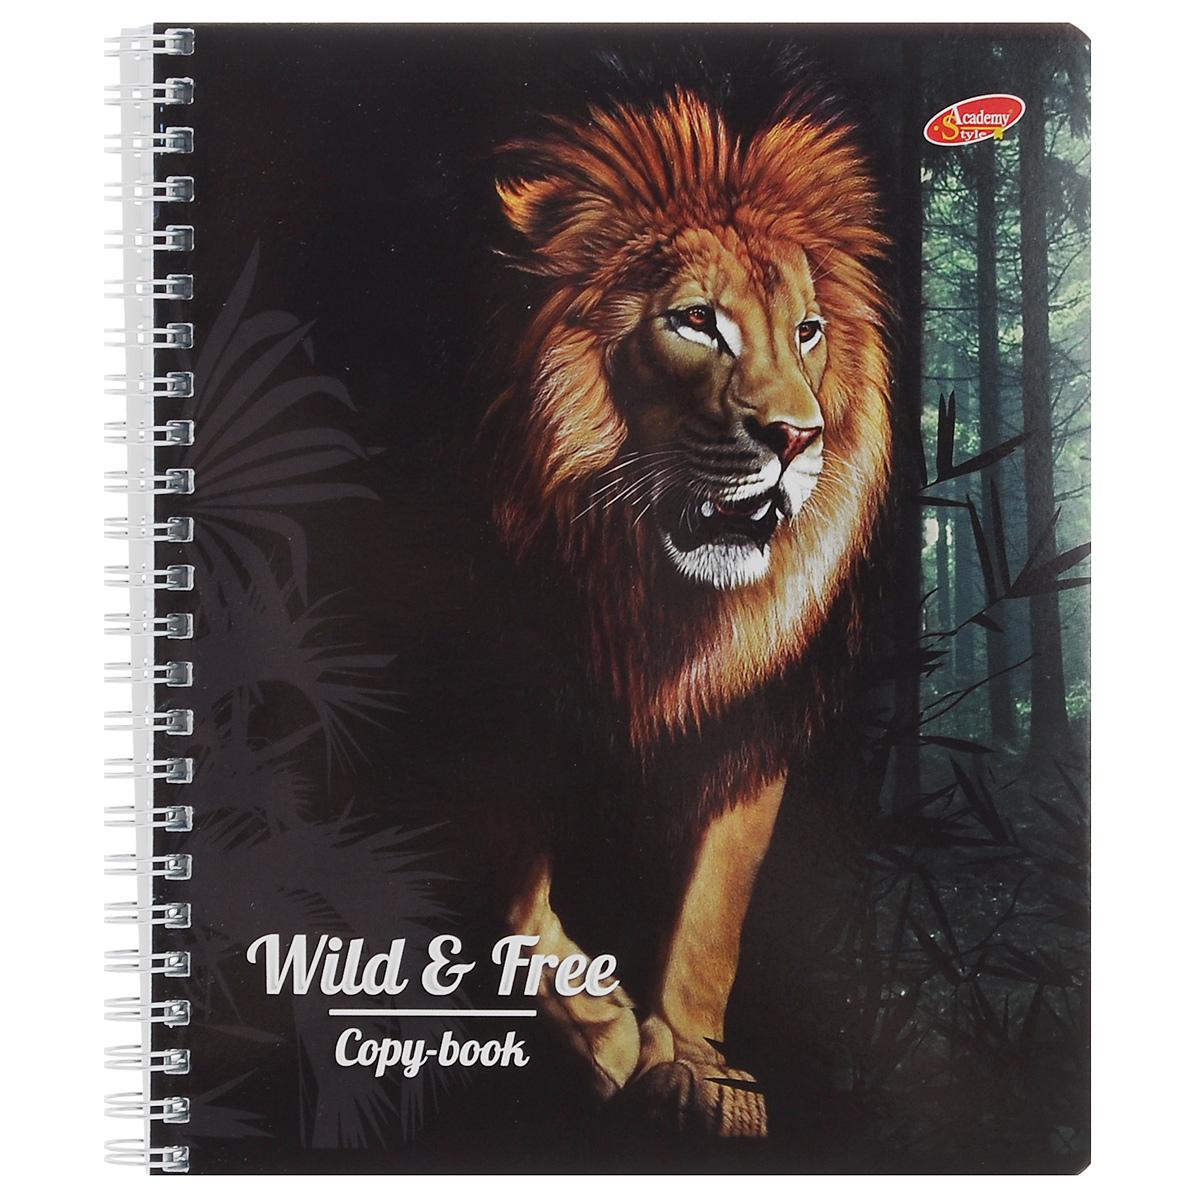 Тетрадь Wild & Free. Lion, цвет: черный, 96 листовSMA510-V8-ETТетрадь Wild & Free. Lion с представителем дикой природы подойдет для любых работ и студенту, и школьнику.Обложка оформлена изображением льва и выполнена из мелованного картона с закругленными углами. Внутренний блок тетради состоит из 96 листов бумаги на гребне белого цвета. Все листы расчерчены в клетку без полей.